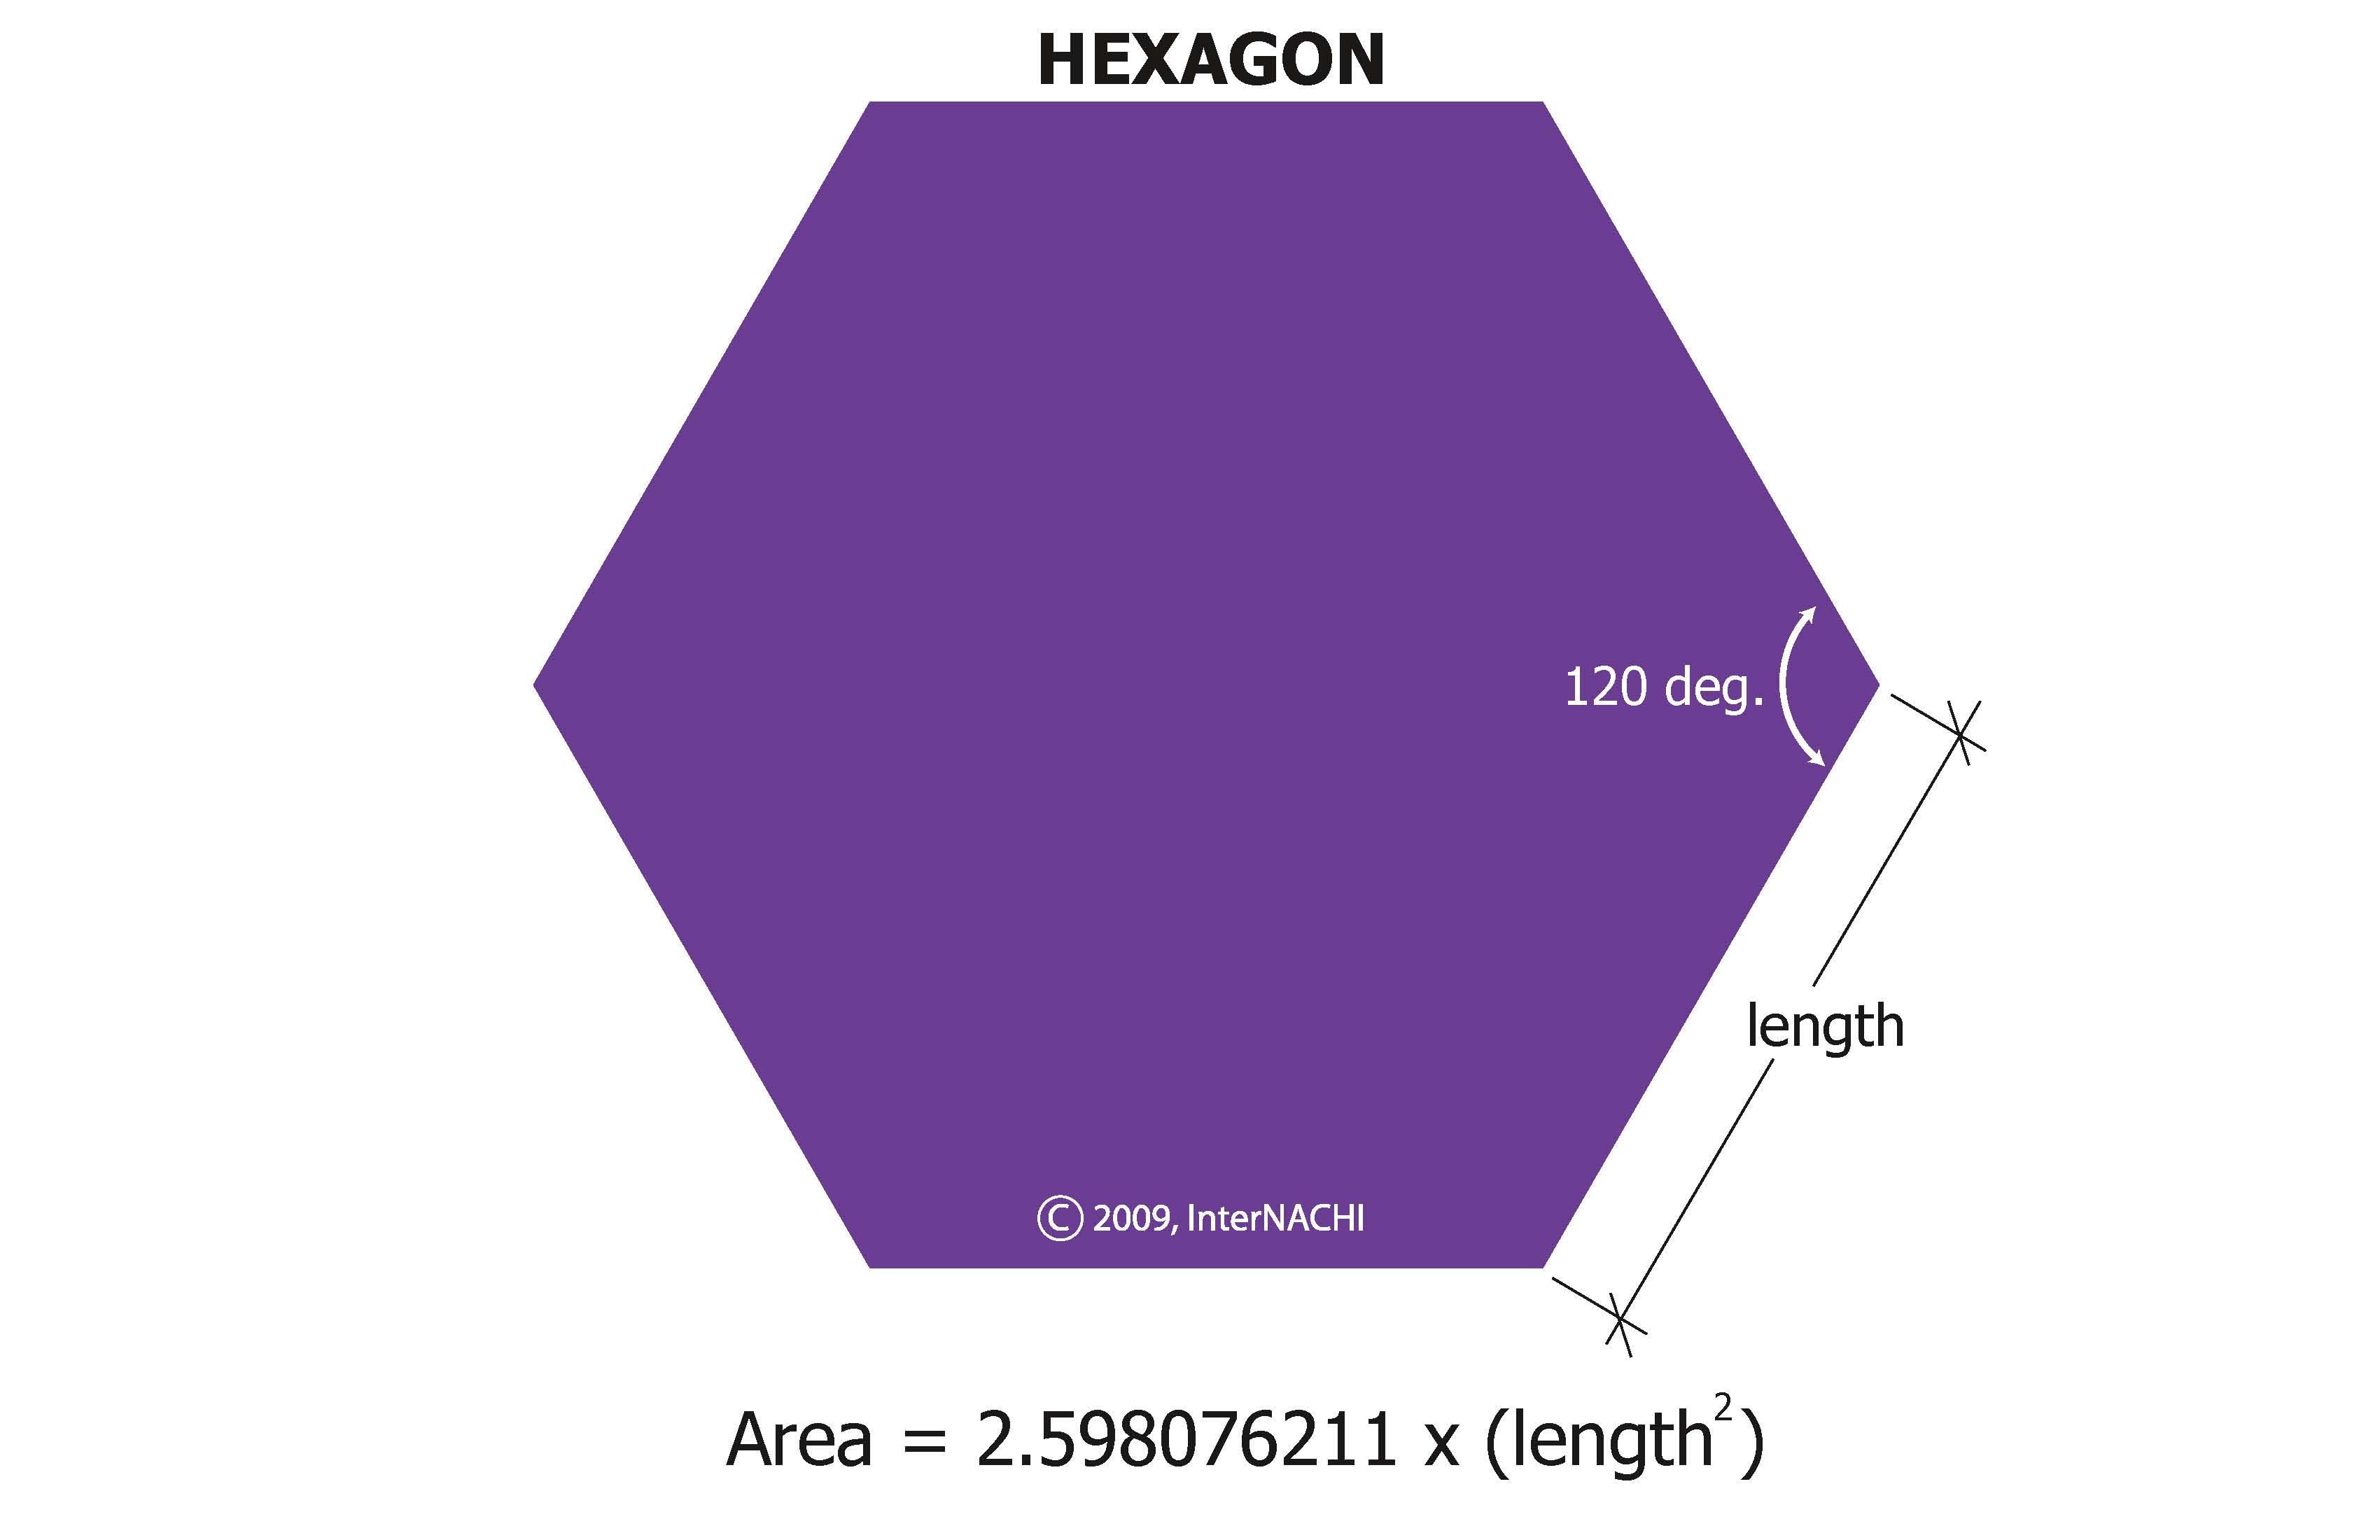 Area of a hexagon.